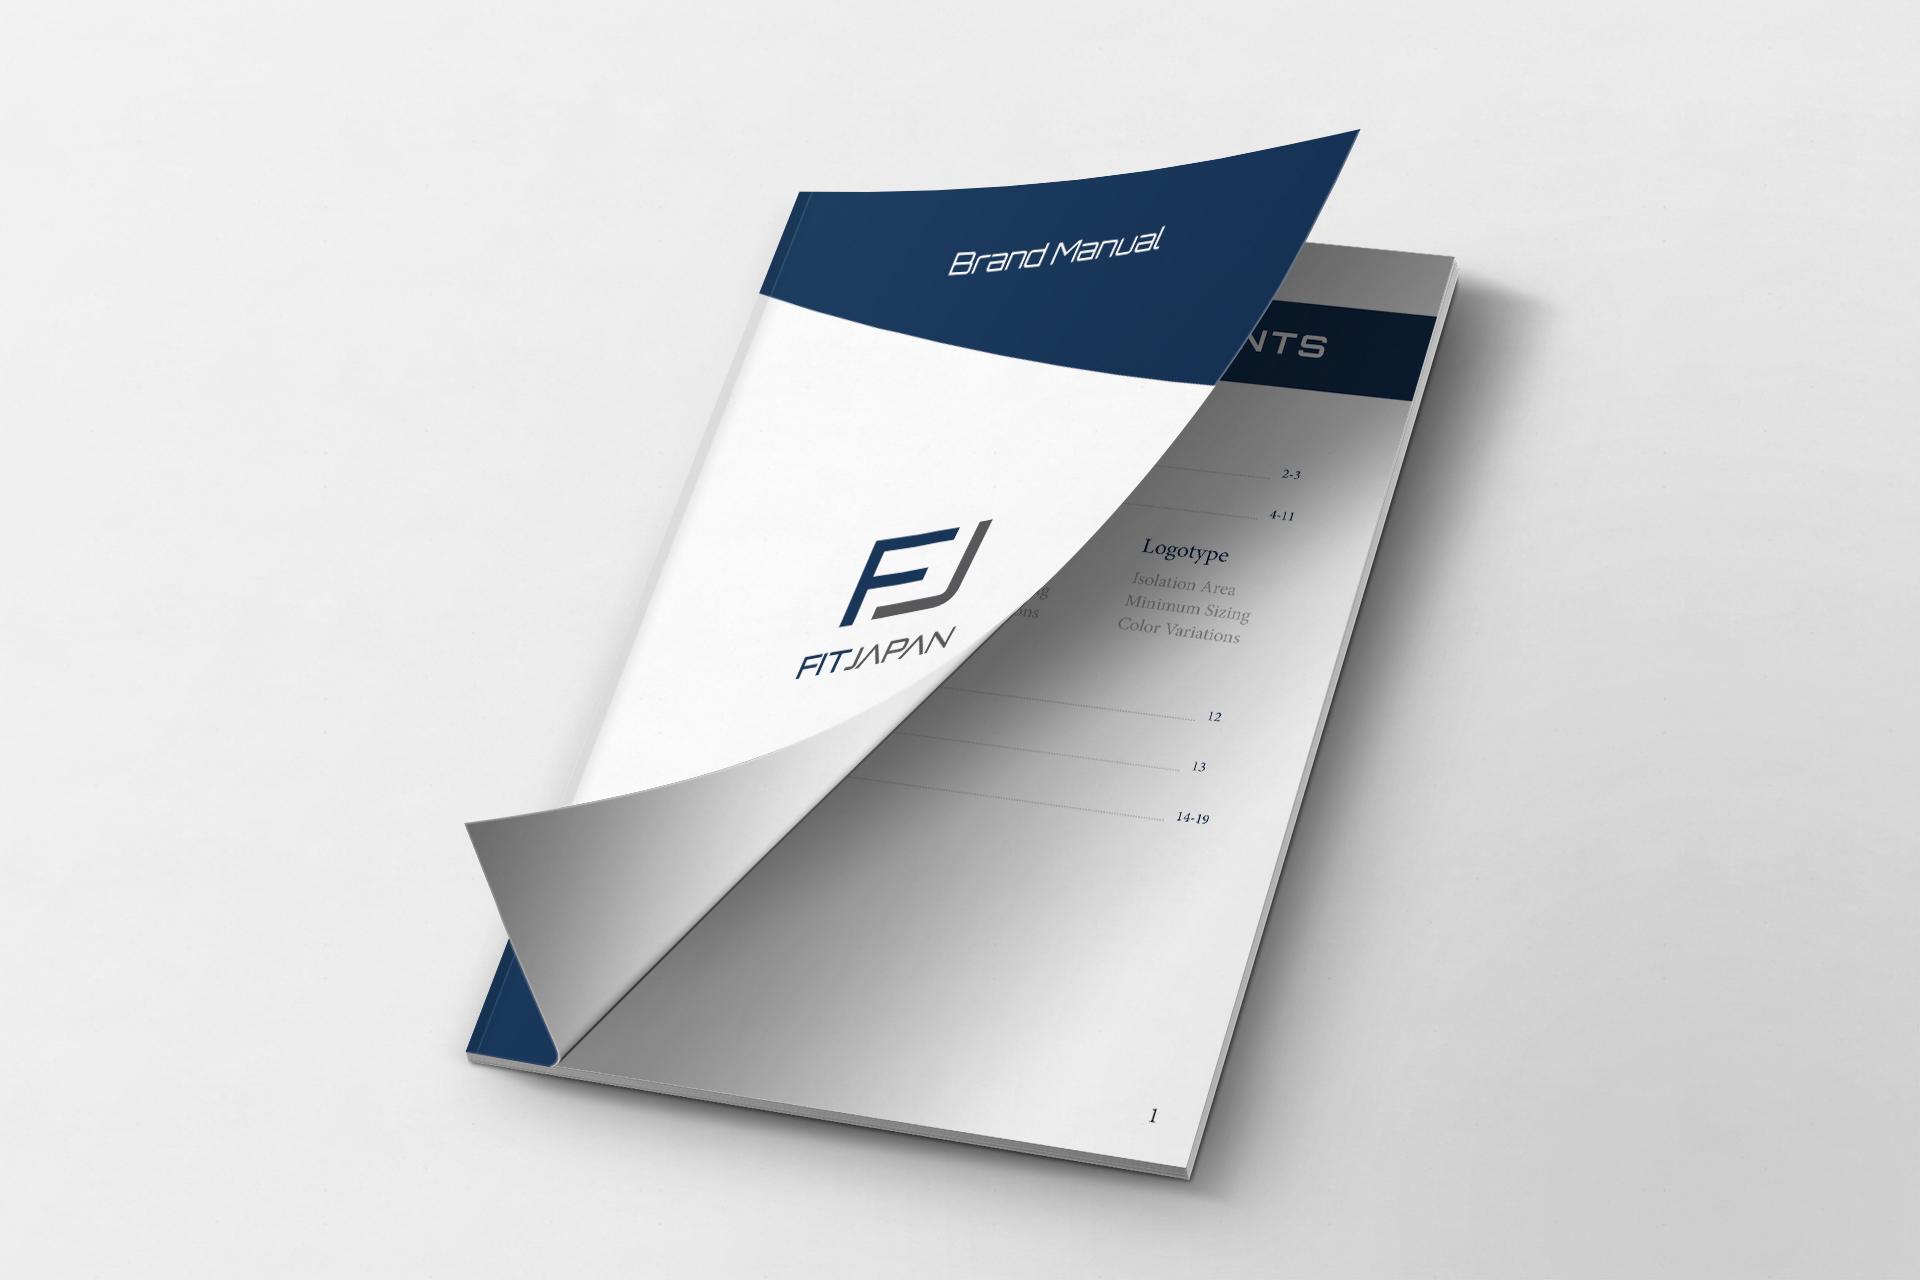 FitJapan - Brand Manual Design